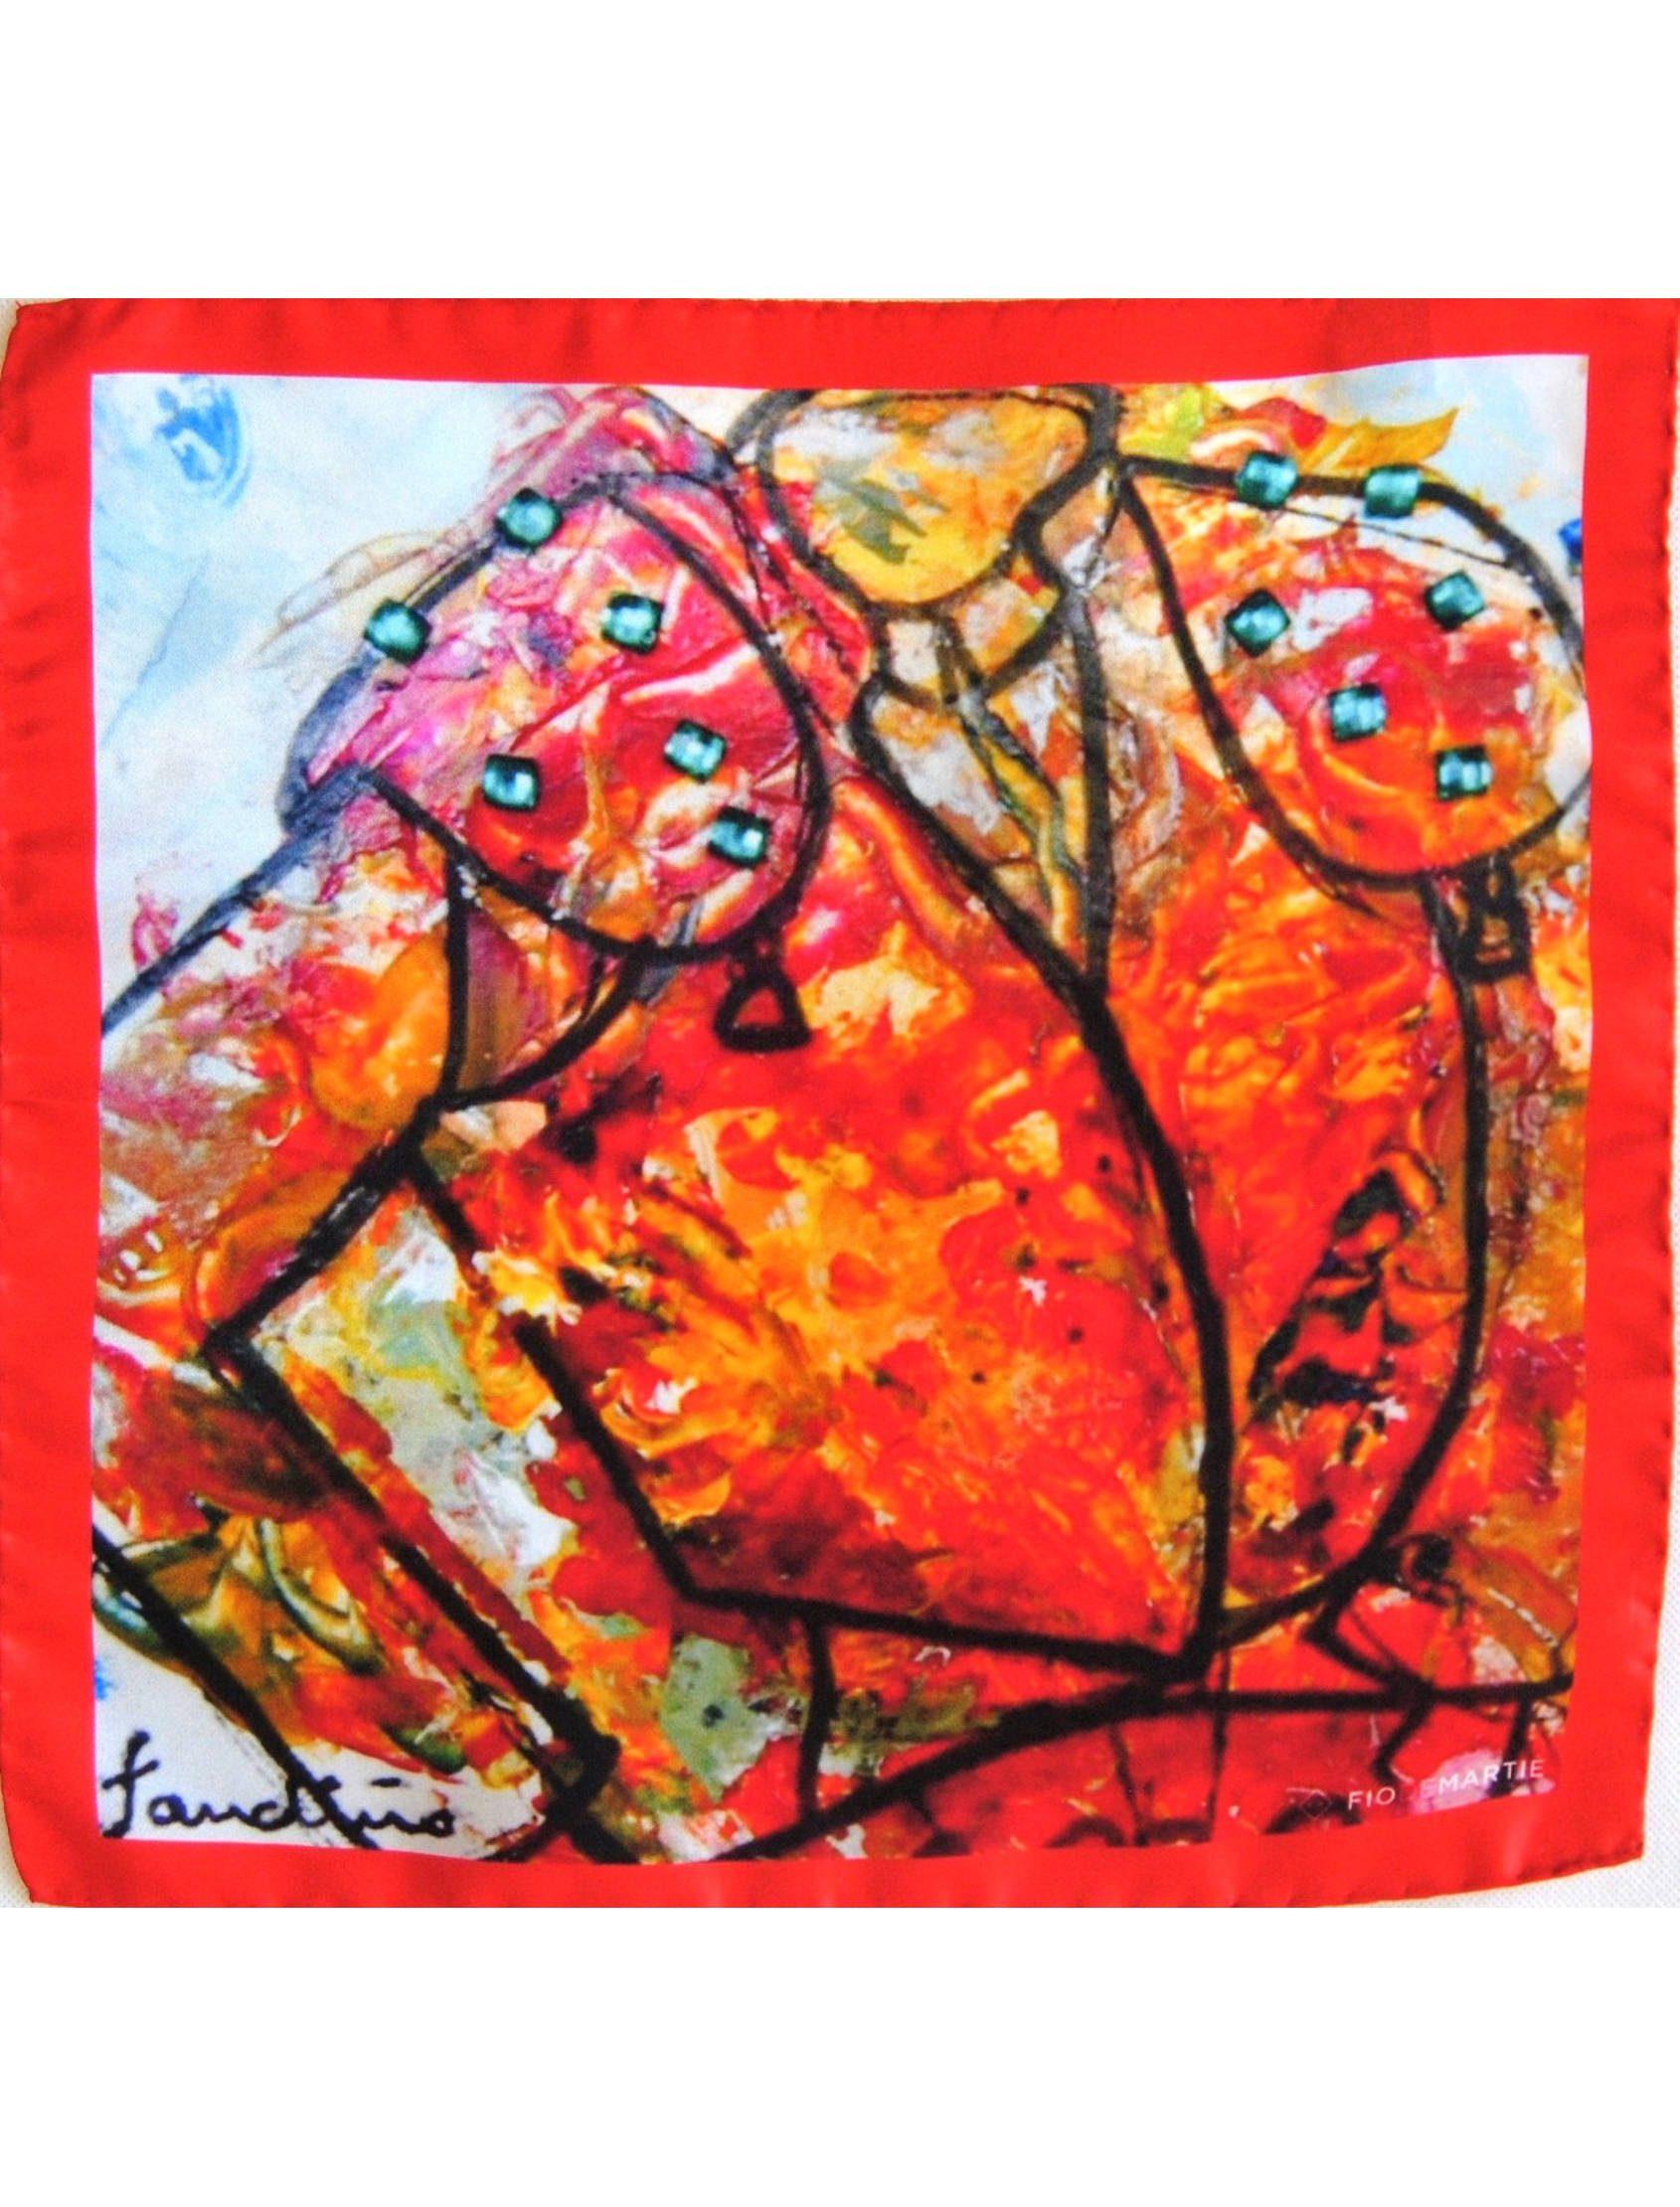 Pañuelo de bolsillo de estampado multicolor en seda italiana, fabricado a mano en España. El diseño es un cuadro de la pintora gallega Pilar Fandiño.